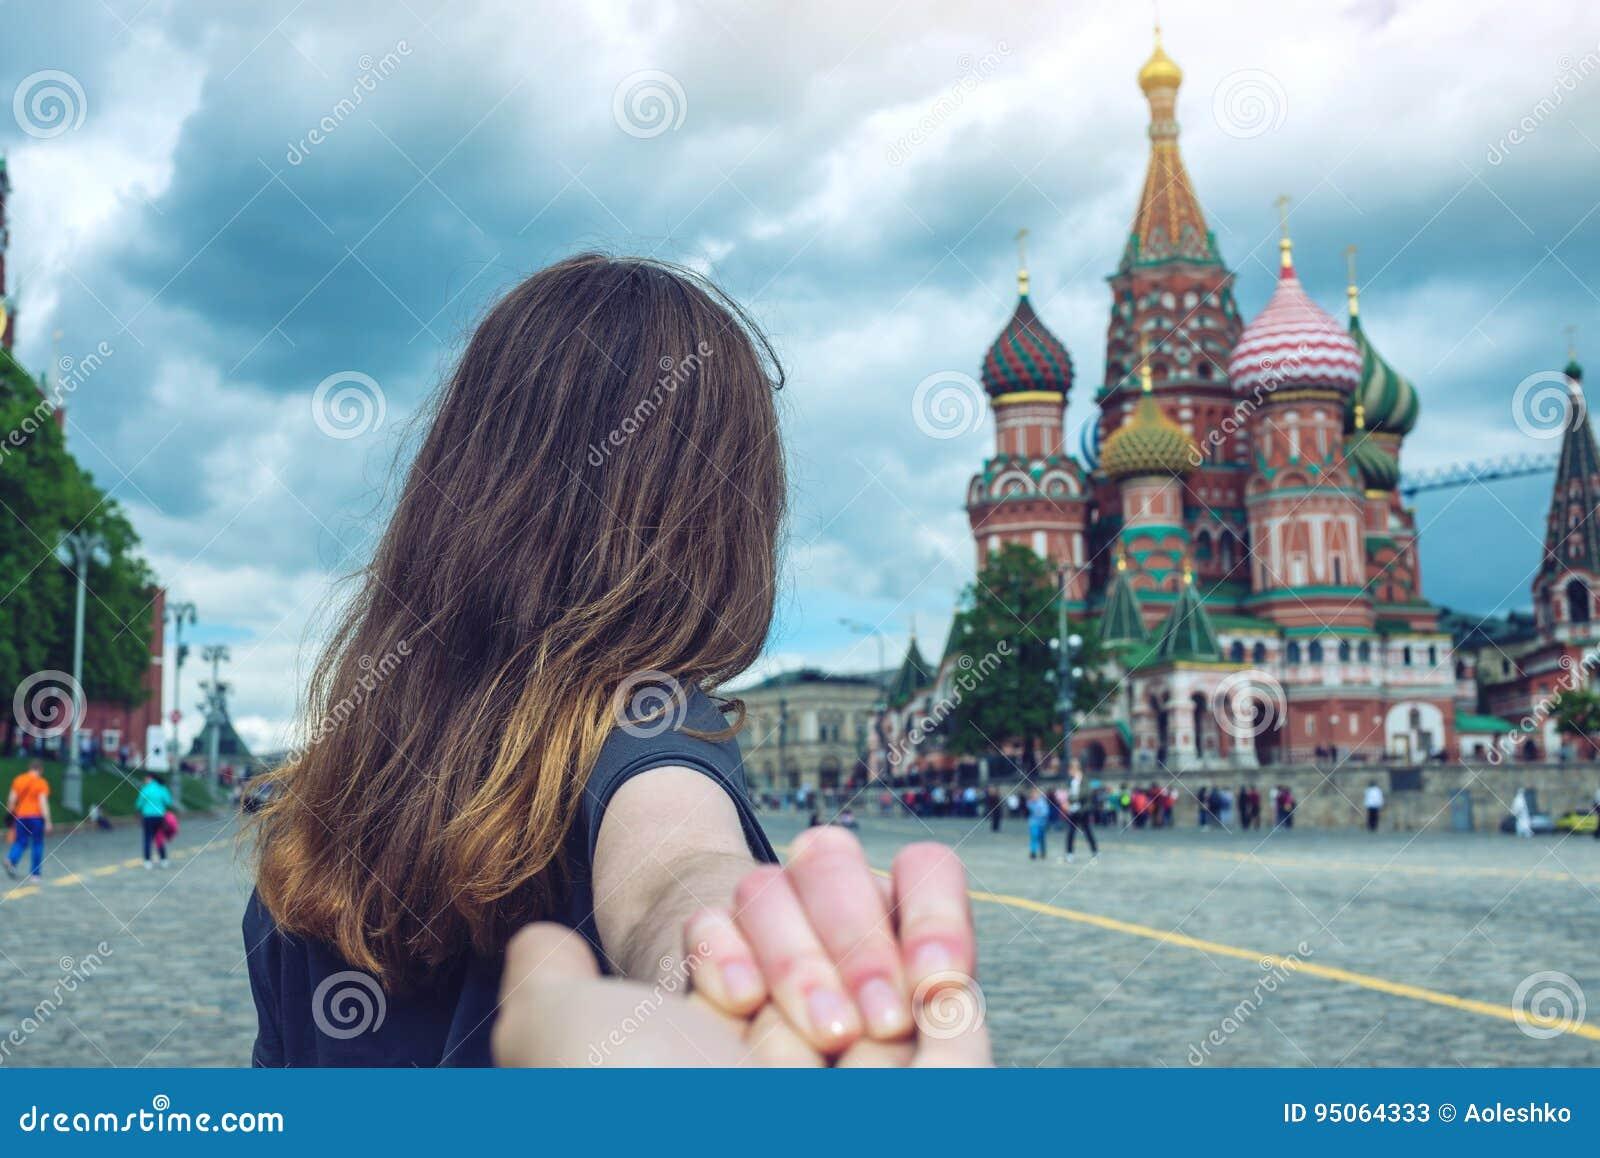 Sígame, muchacha morena que lleva a cabo la mano lleva al cuadrado rojo en Moscú Rusia